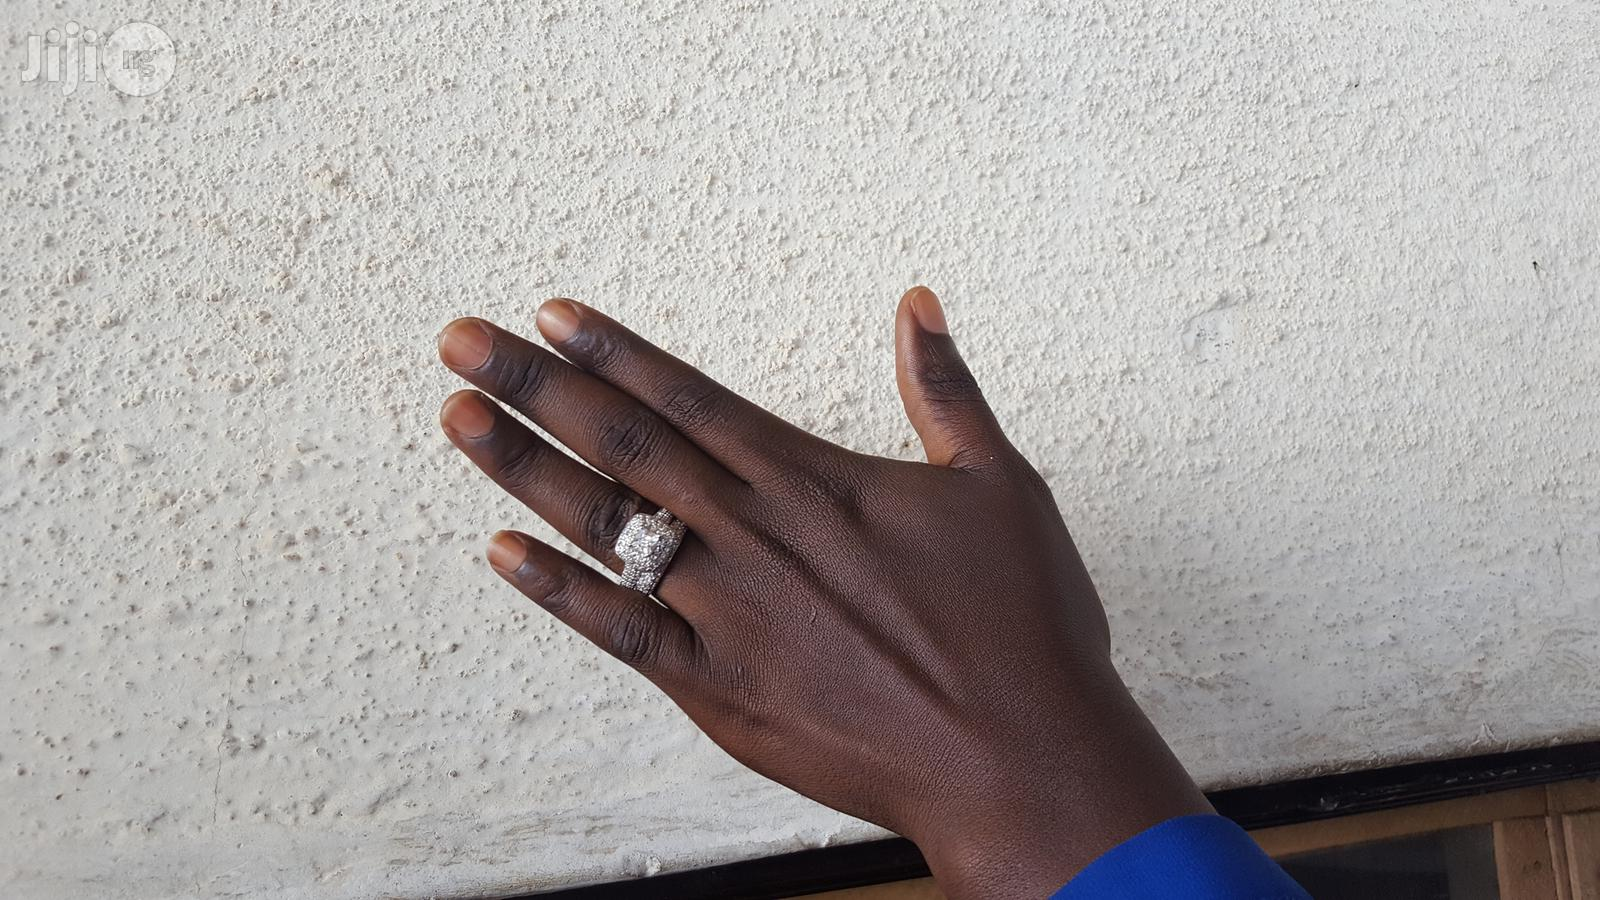 Bridal Ring Set 14KT White Goldfilled on Sales!